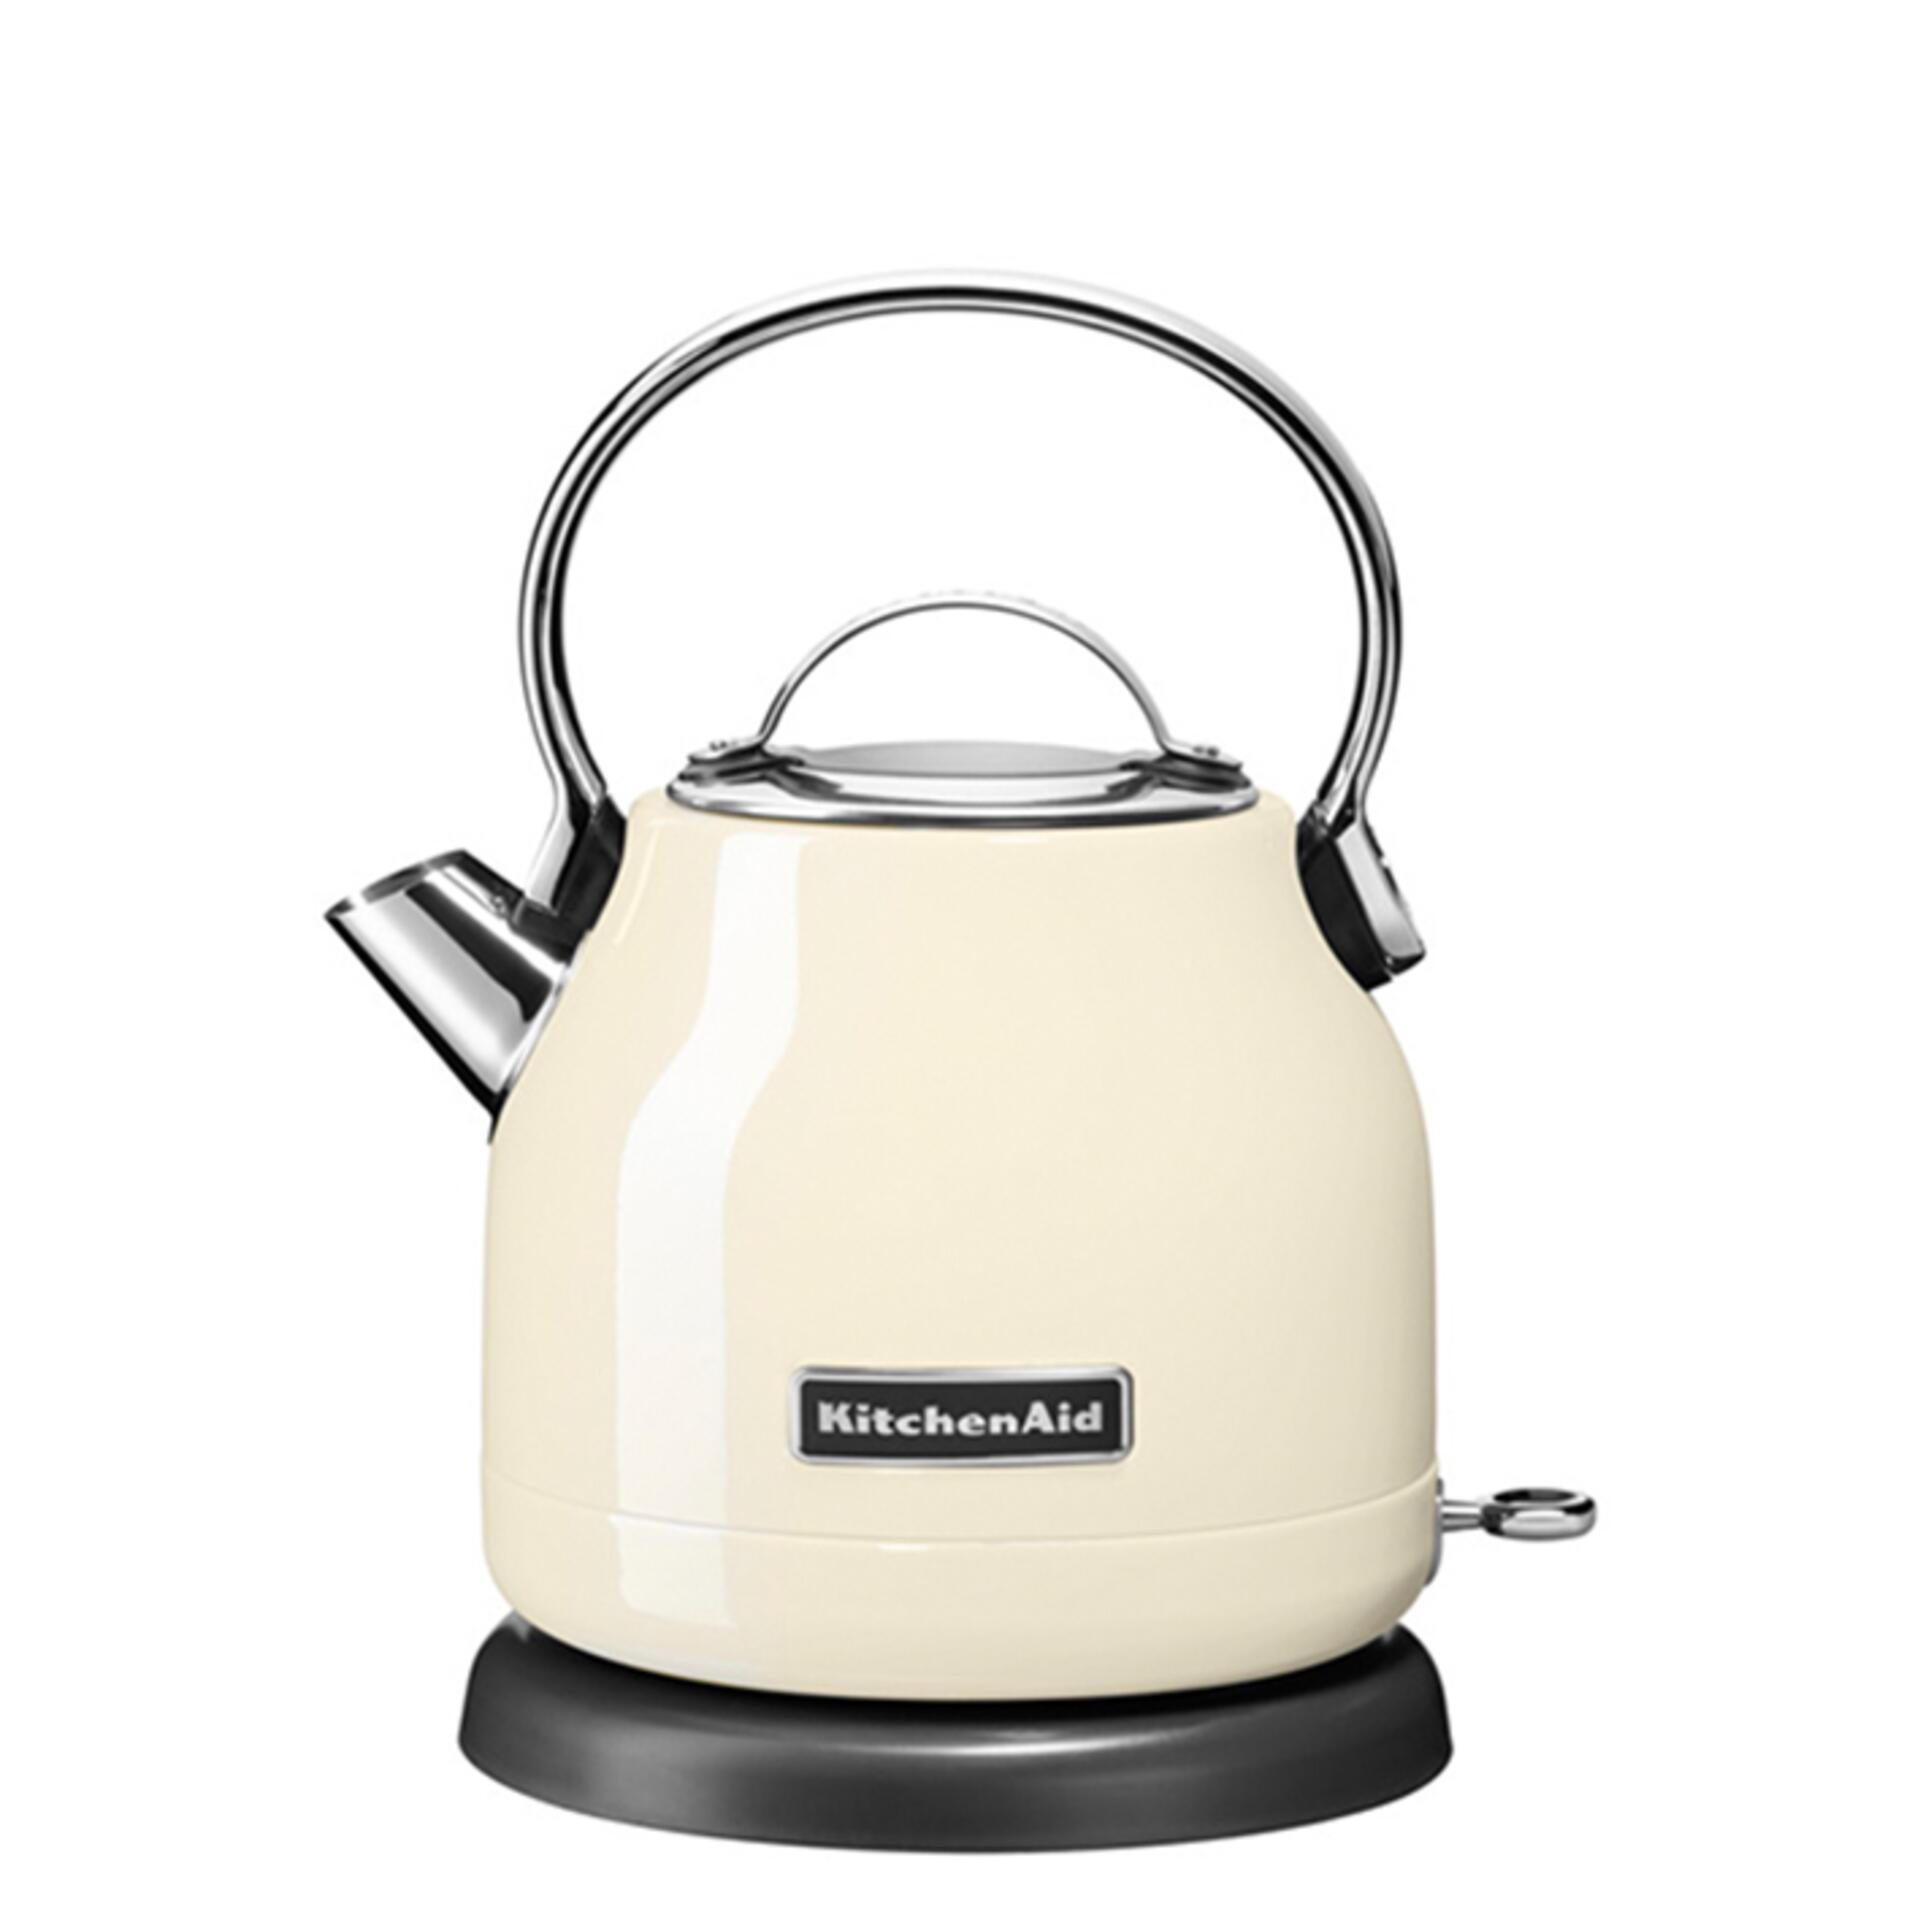 KitchenAid Classic Wasserkocher Crème 5KEK1222EAC